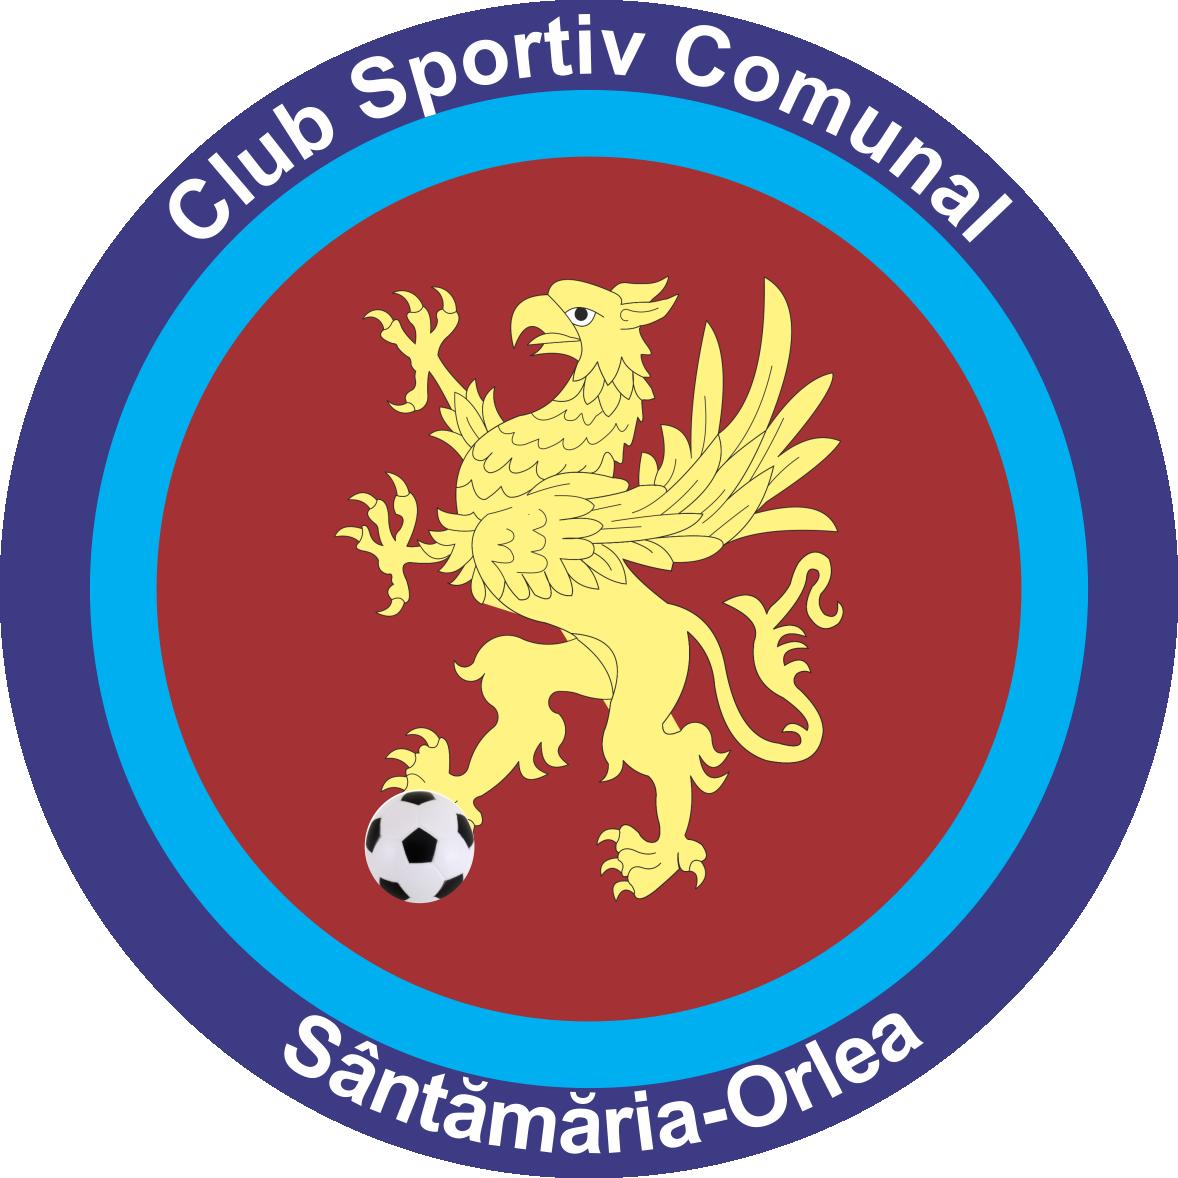 CSC SÂNTĂMĂRIA - ORLEA